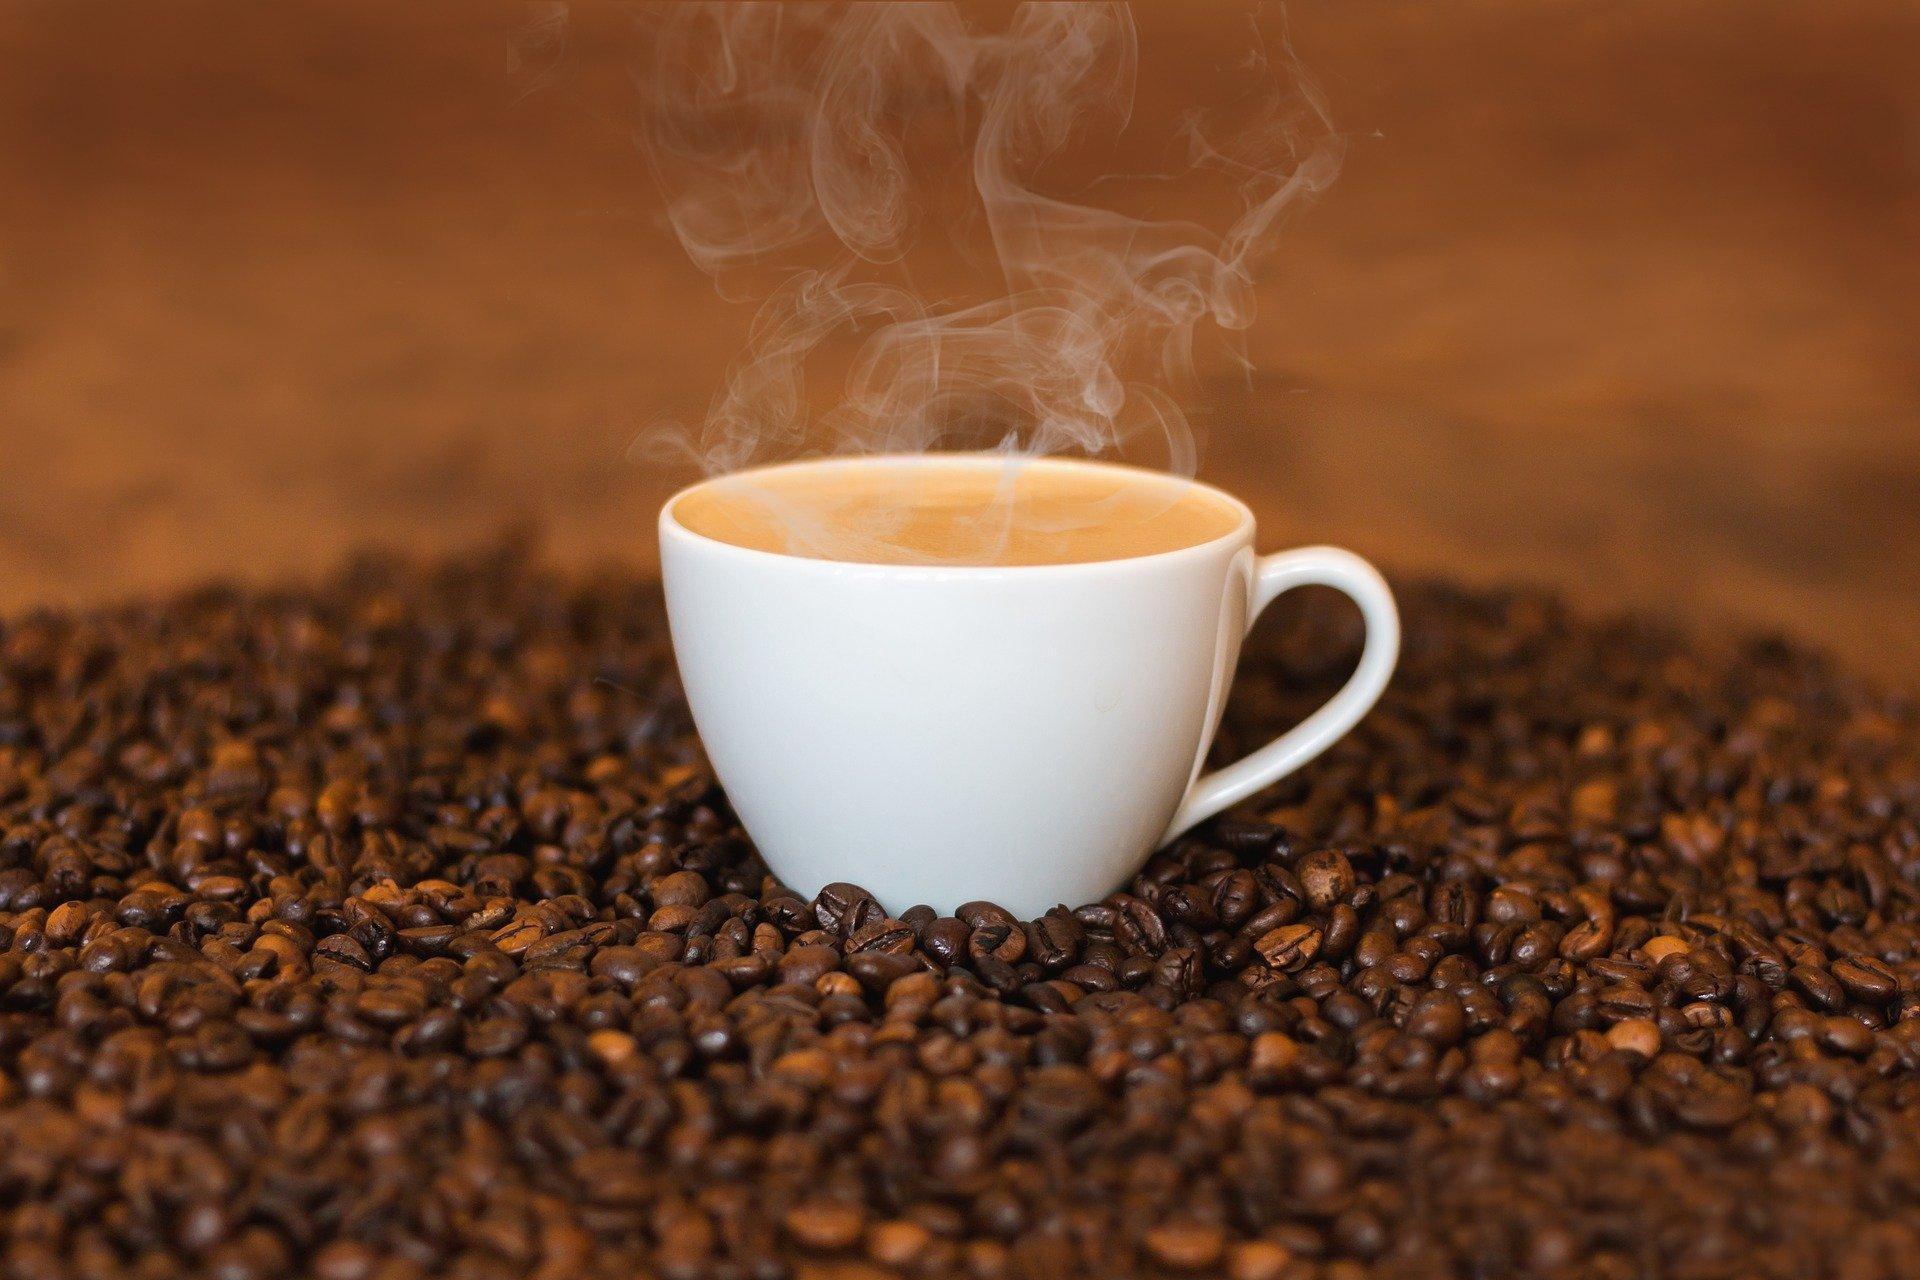 Koffie meest onderschatte smeermiddel